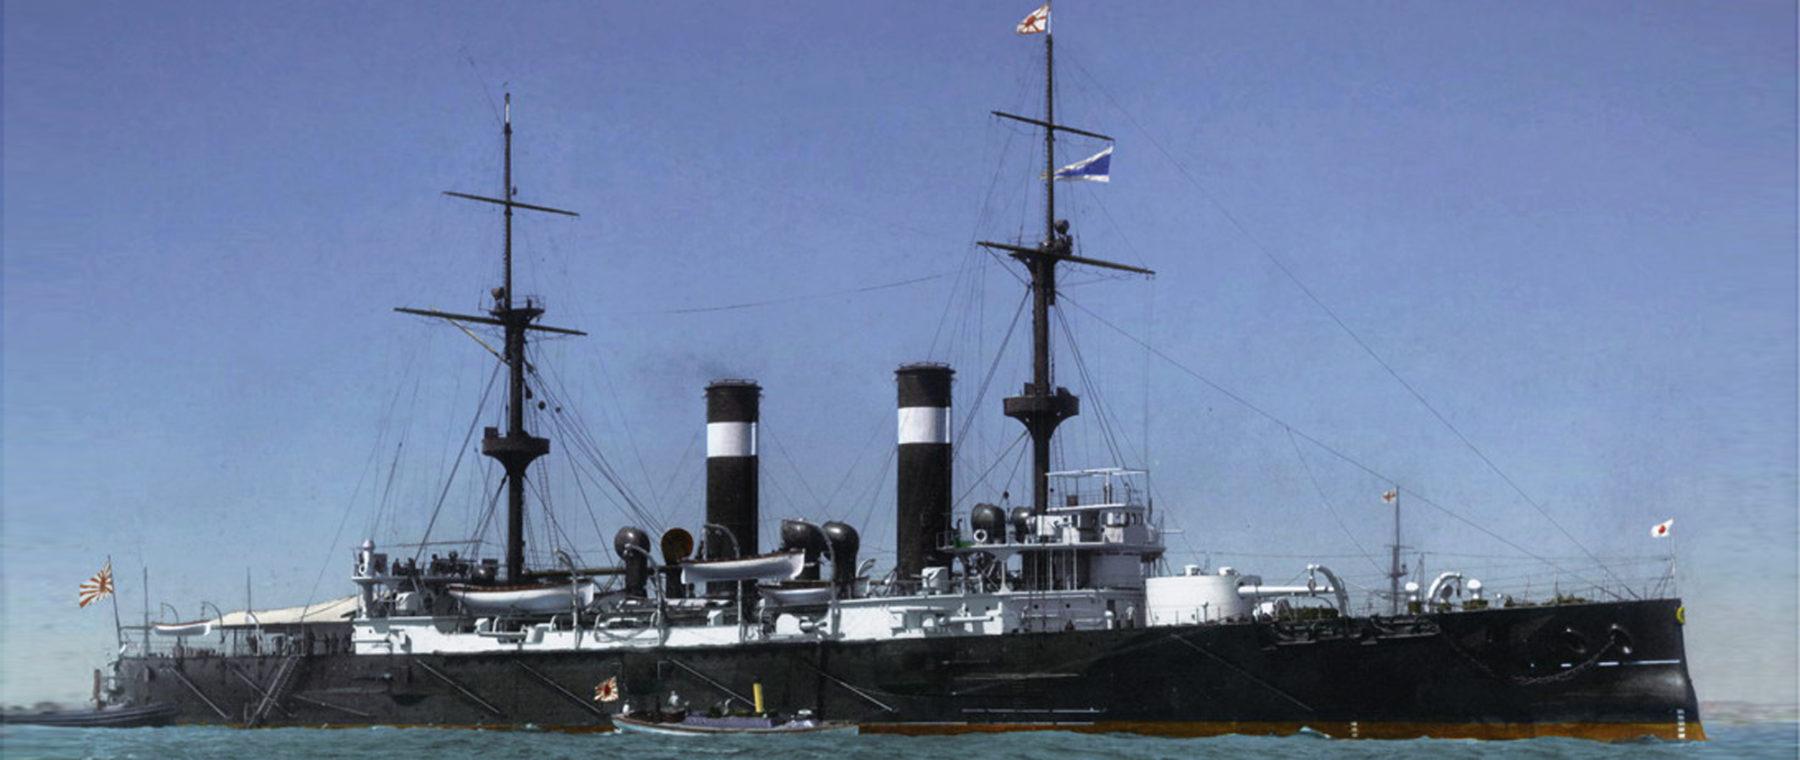 Asama in 1902